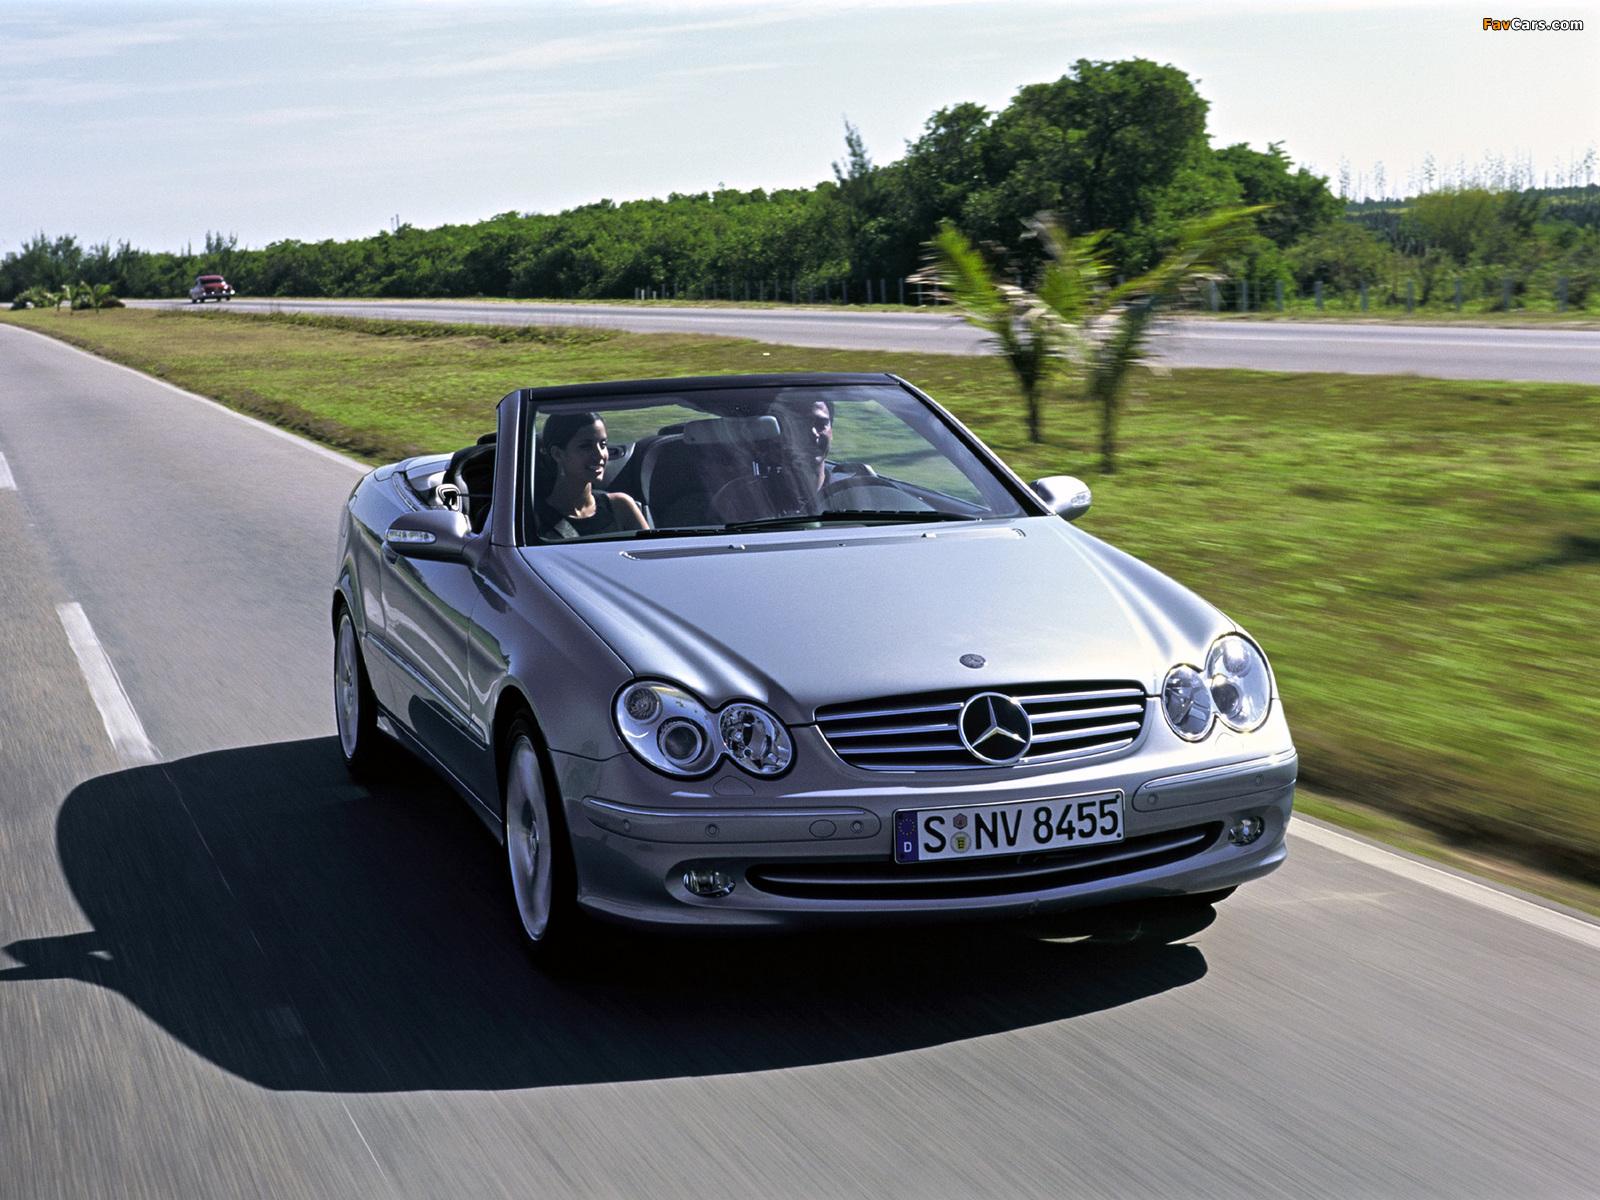 Mercedes benz clk 240 cabrio a209 2003 05 images 1600x1200 for Mercedes benz clk 240